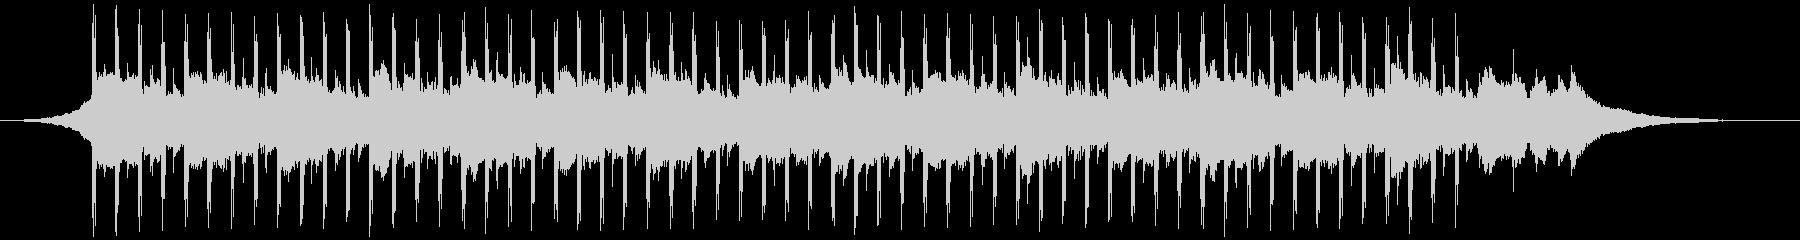 チュートリアルミュージック(短)の未再生の波形